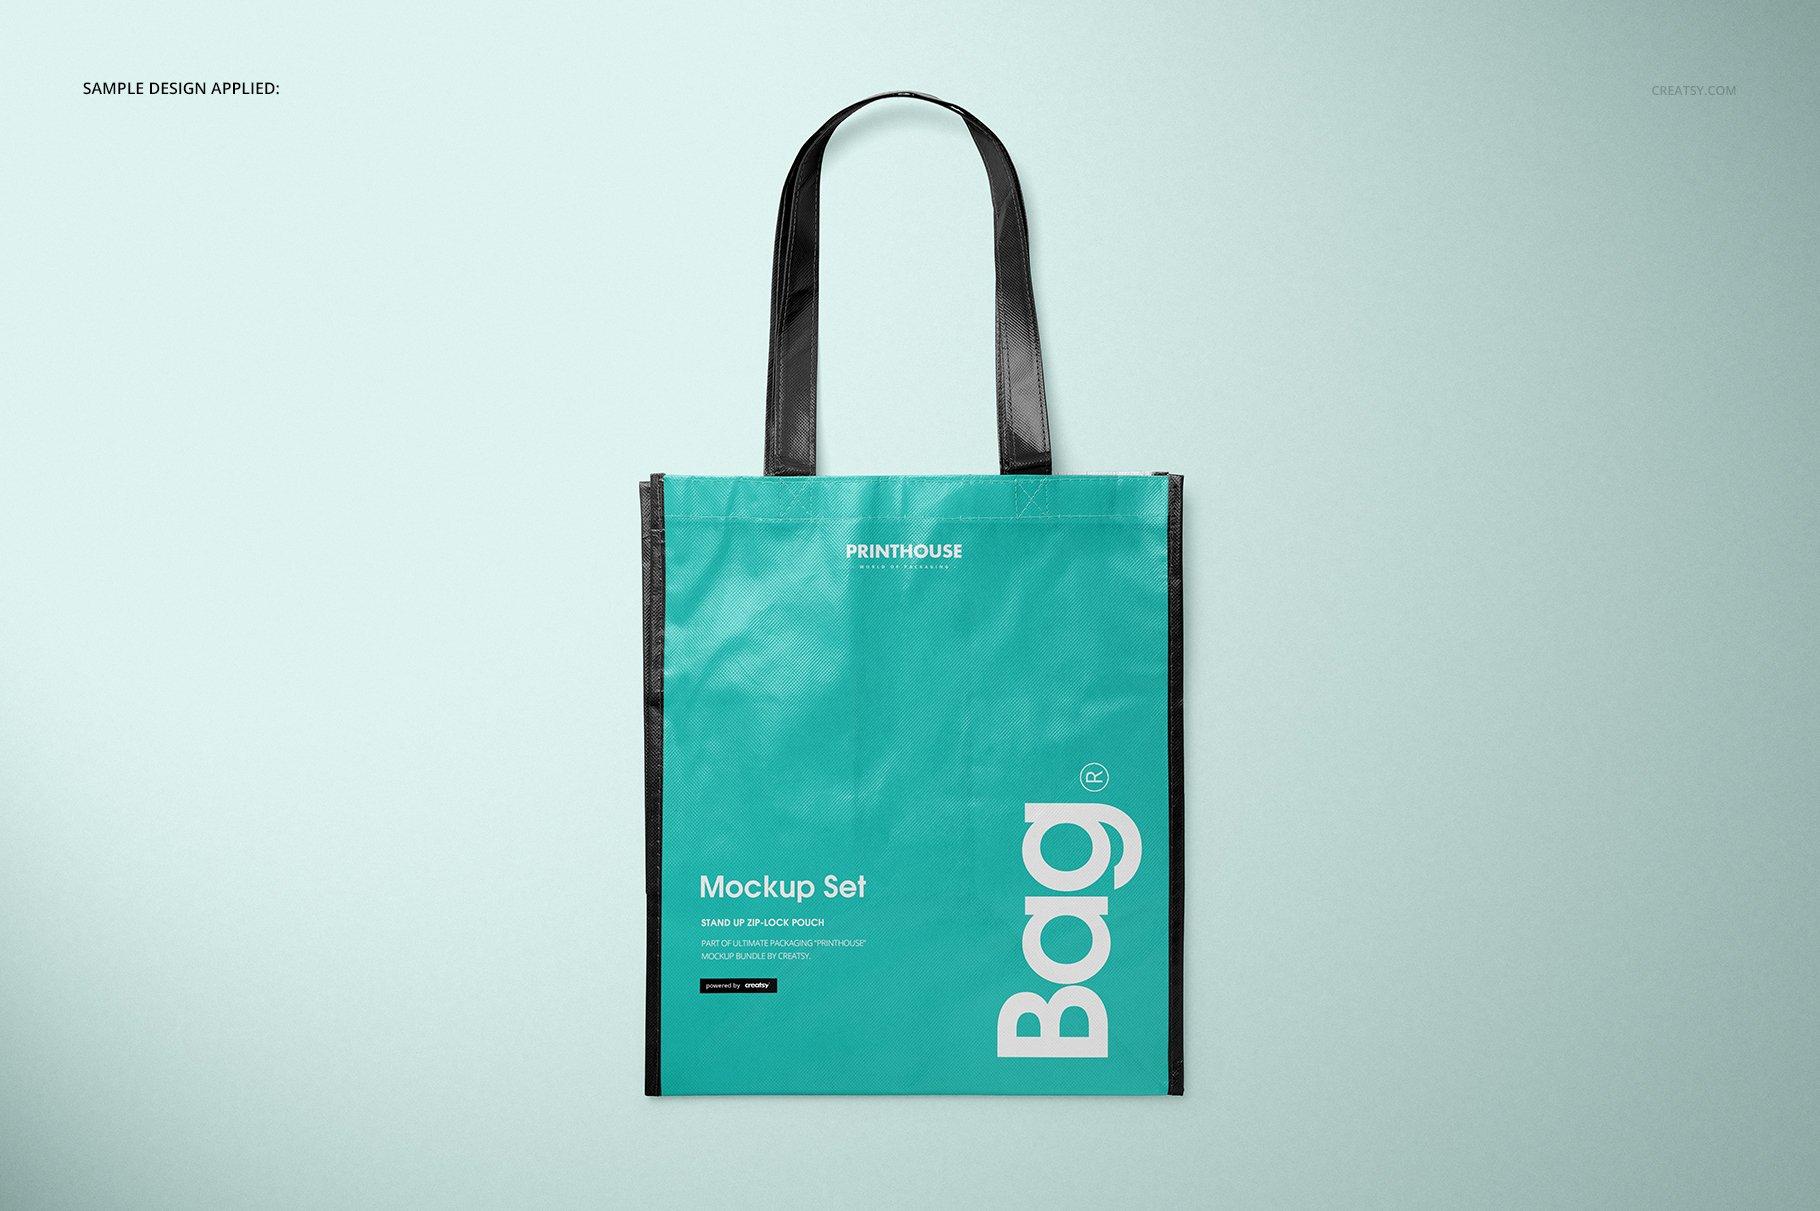 层压无纺布购物手提袋设计贴图样机模板套装 Laminated Non-Woven Bag Mockups 03插图(6)